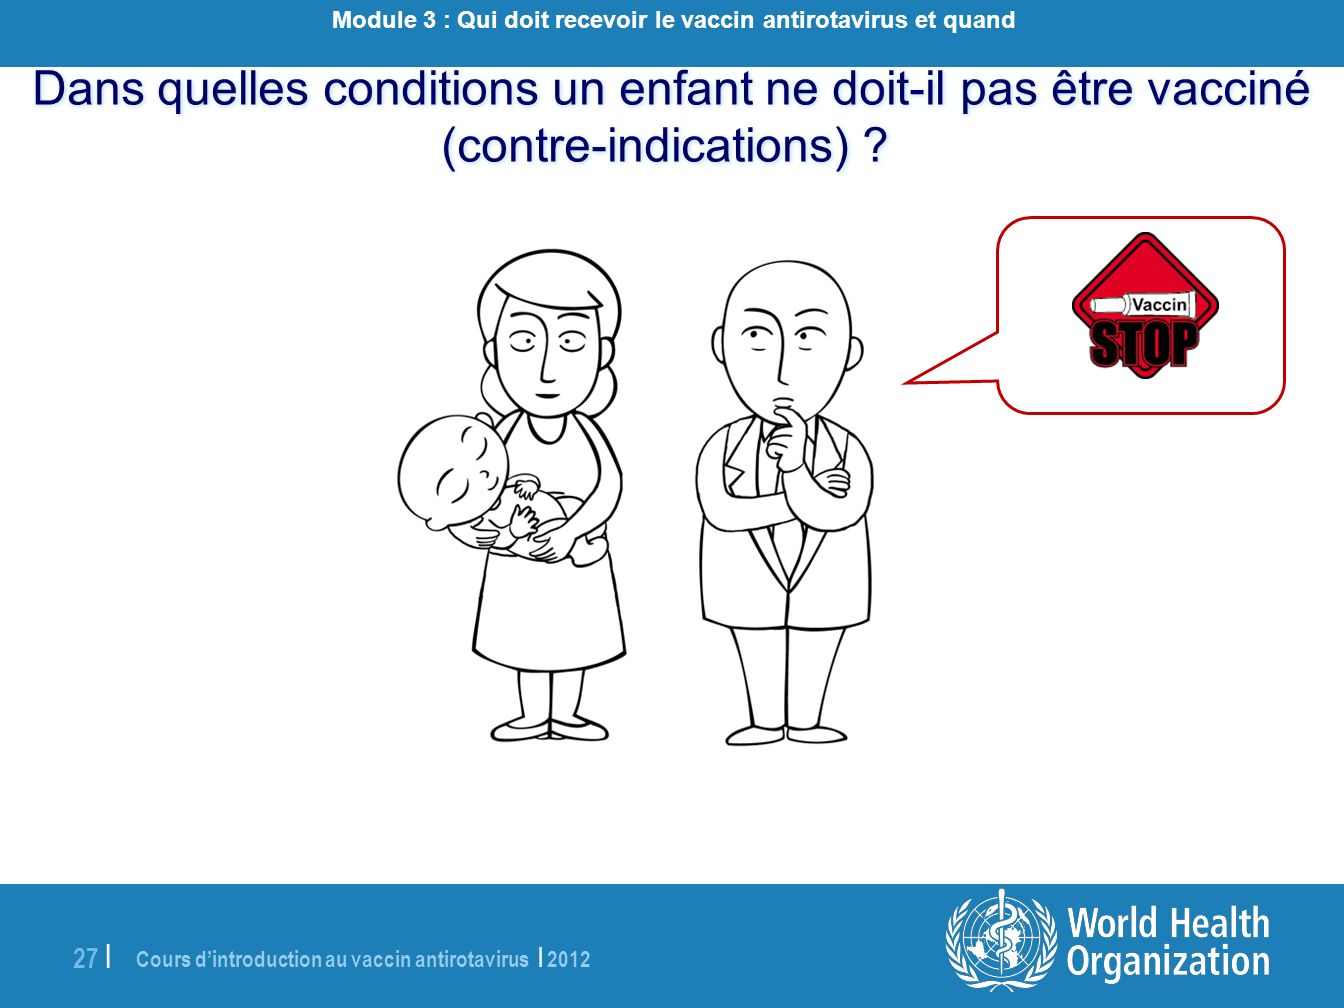 Module 3 : Qui doit recevoir le vaccin antirotavirus et quand